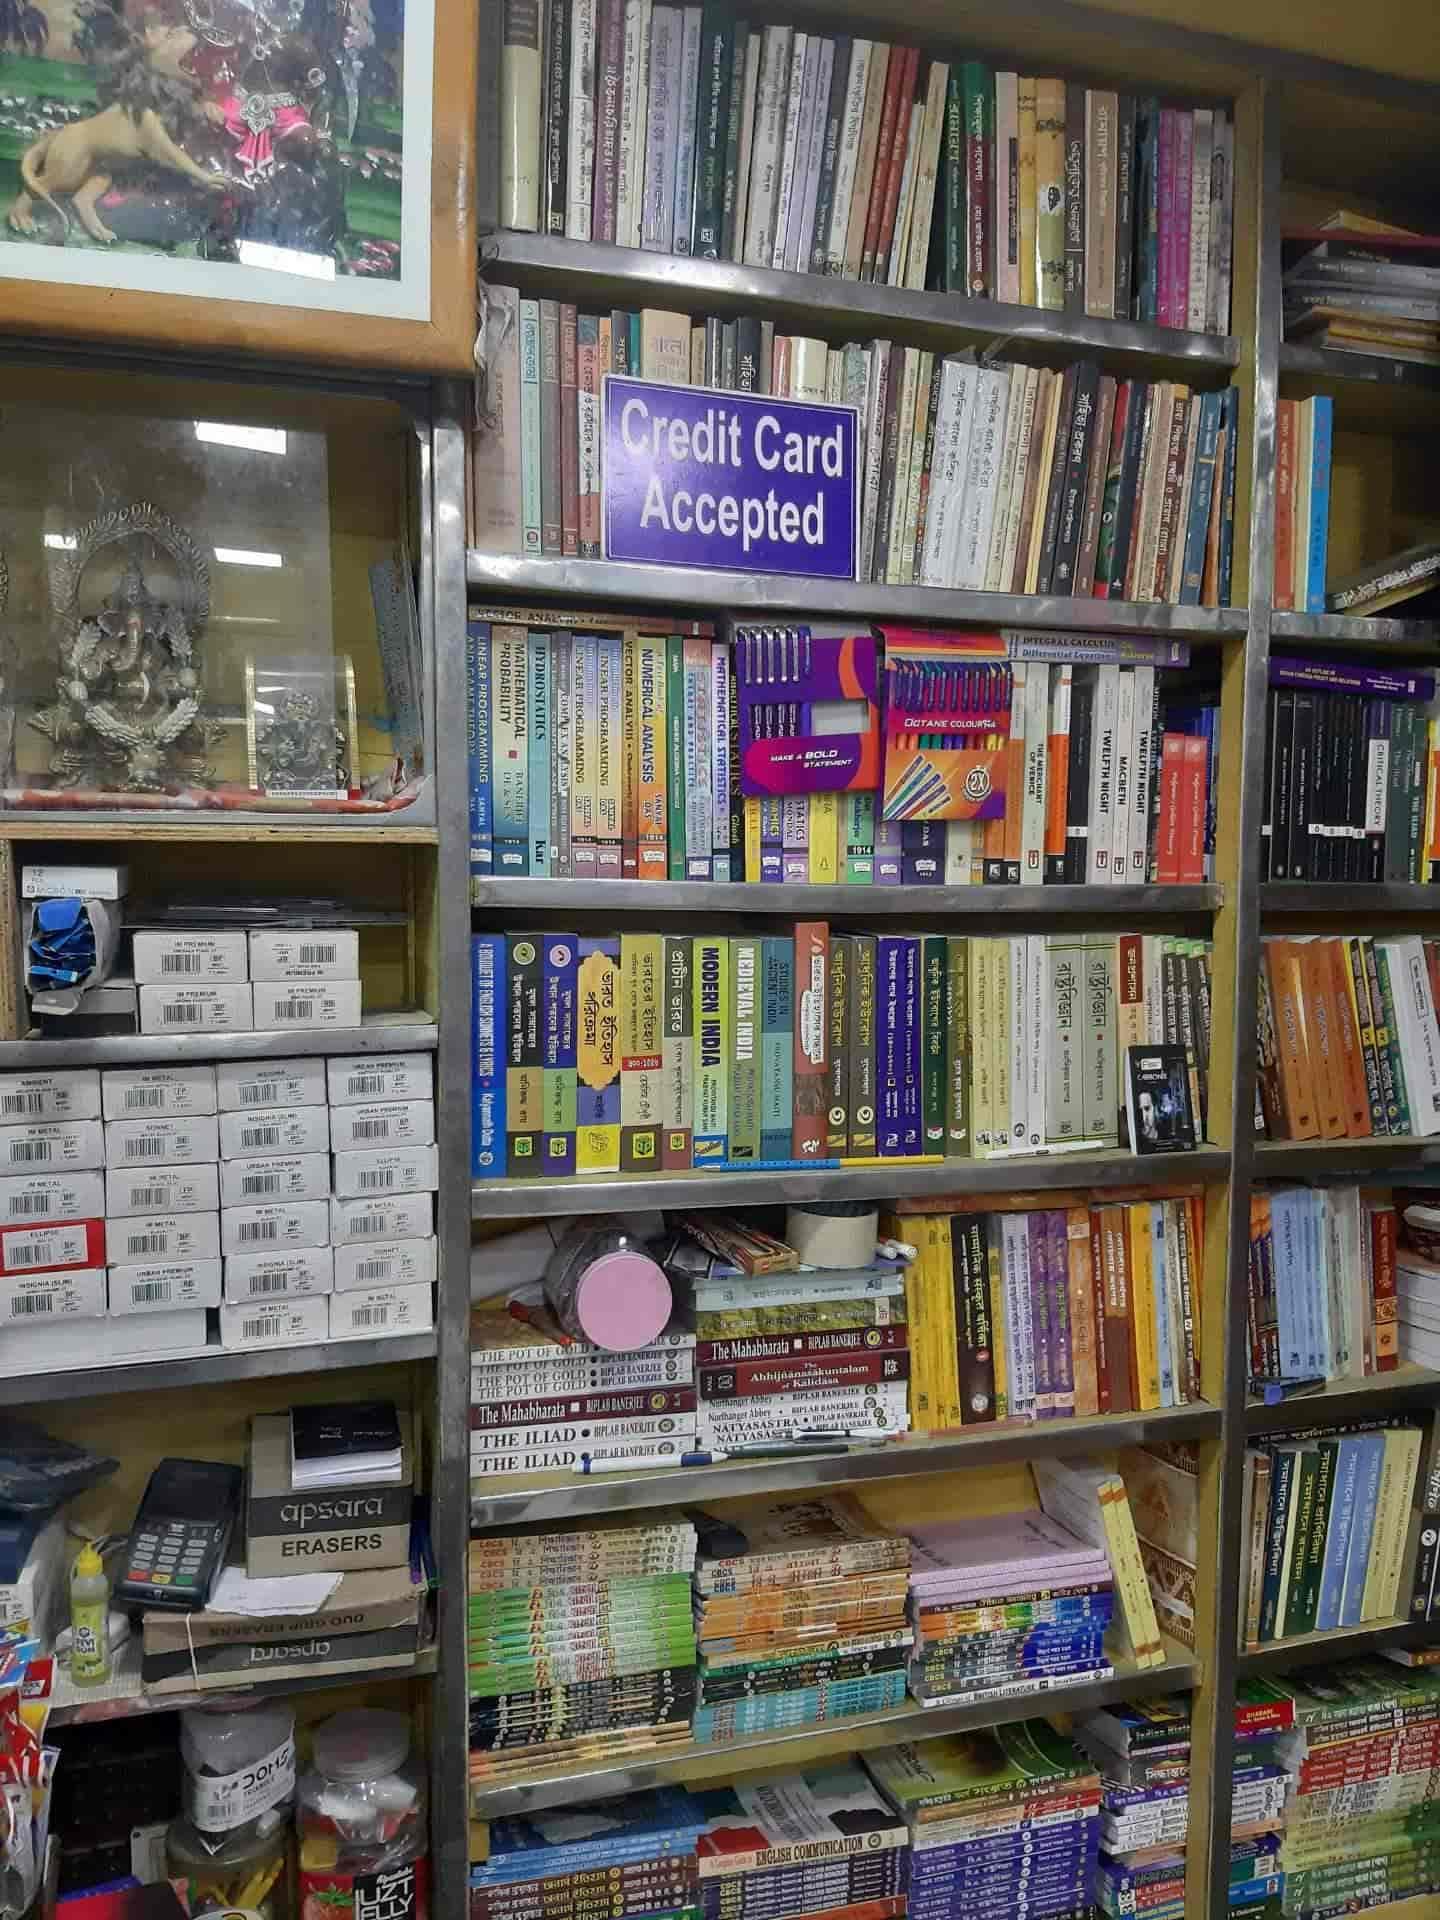 Tanmoy Library, Kanchrapara - Libraries in North 24 Parganas